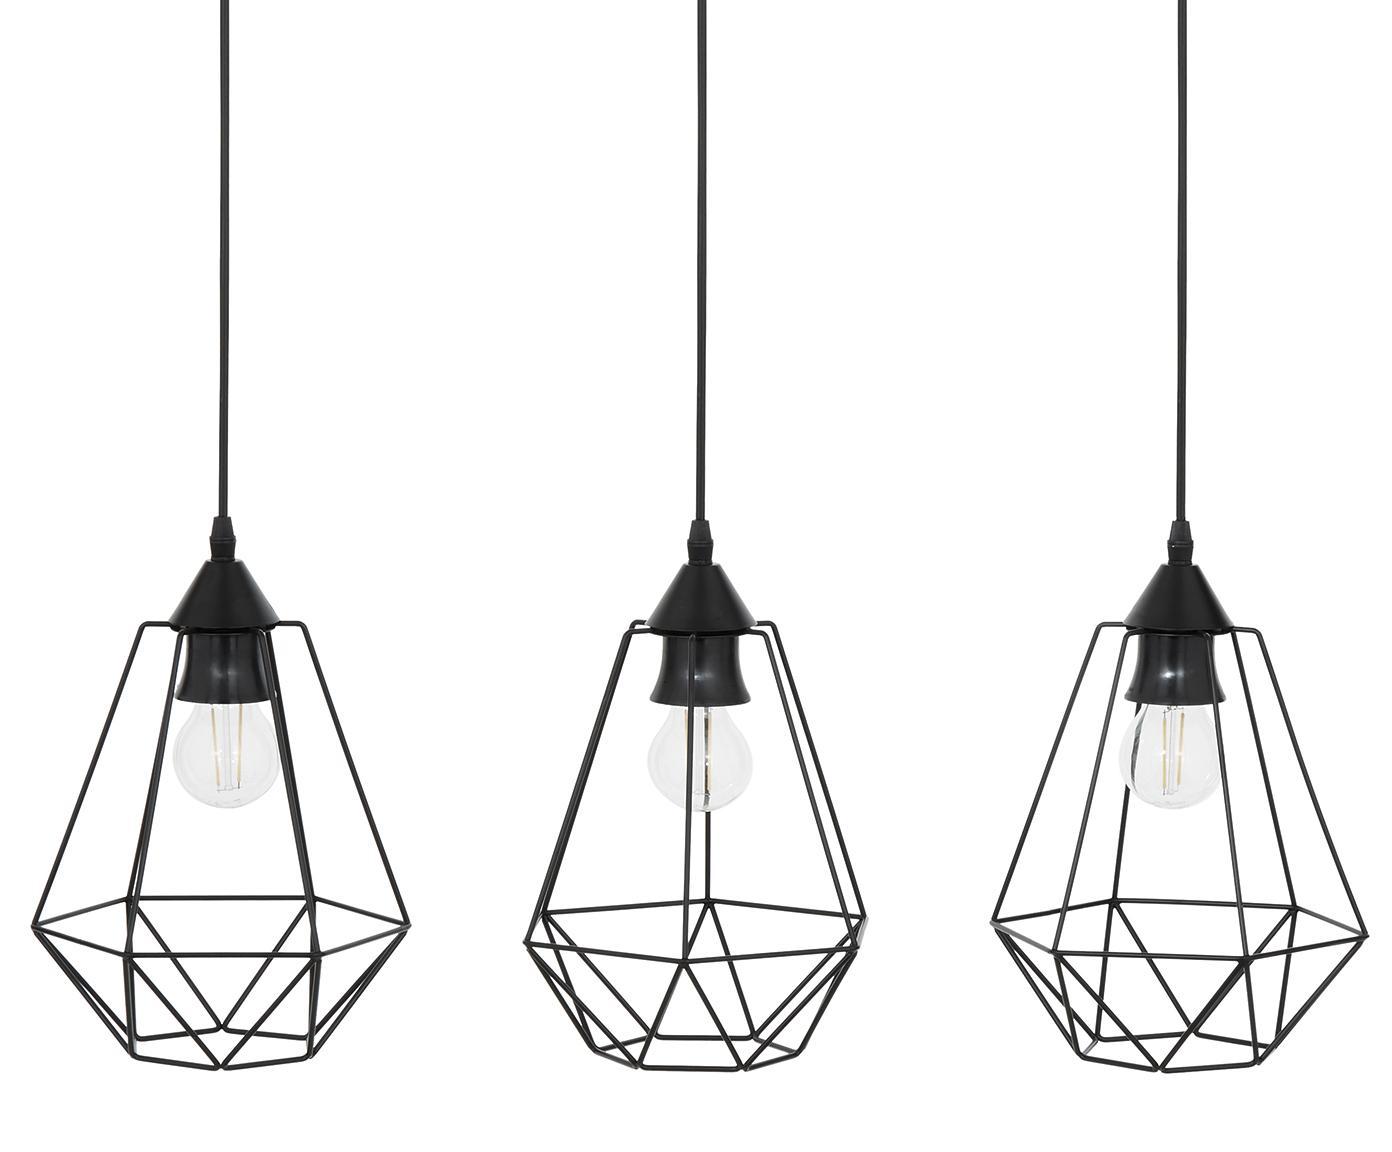 Pendelleuchte Wire, Baldachin: Metall, Lampenschirm: Metall, Baldachin: SchwarzLampenschirm: SchwarzKabel: Schwarz, 75 x 25 cm